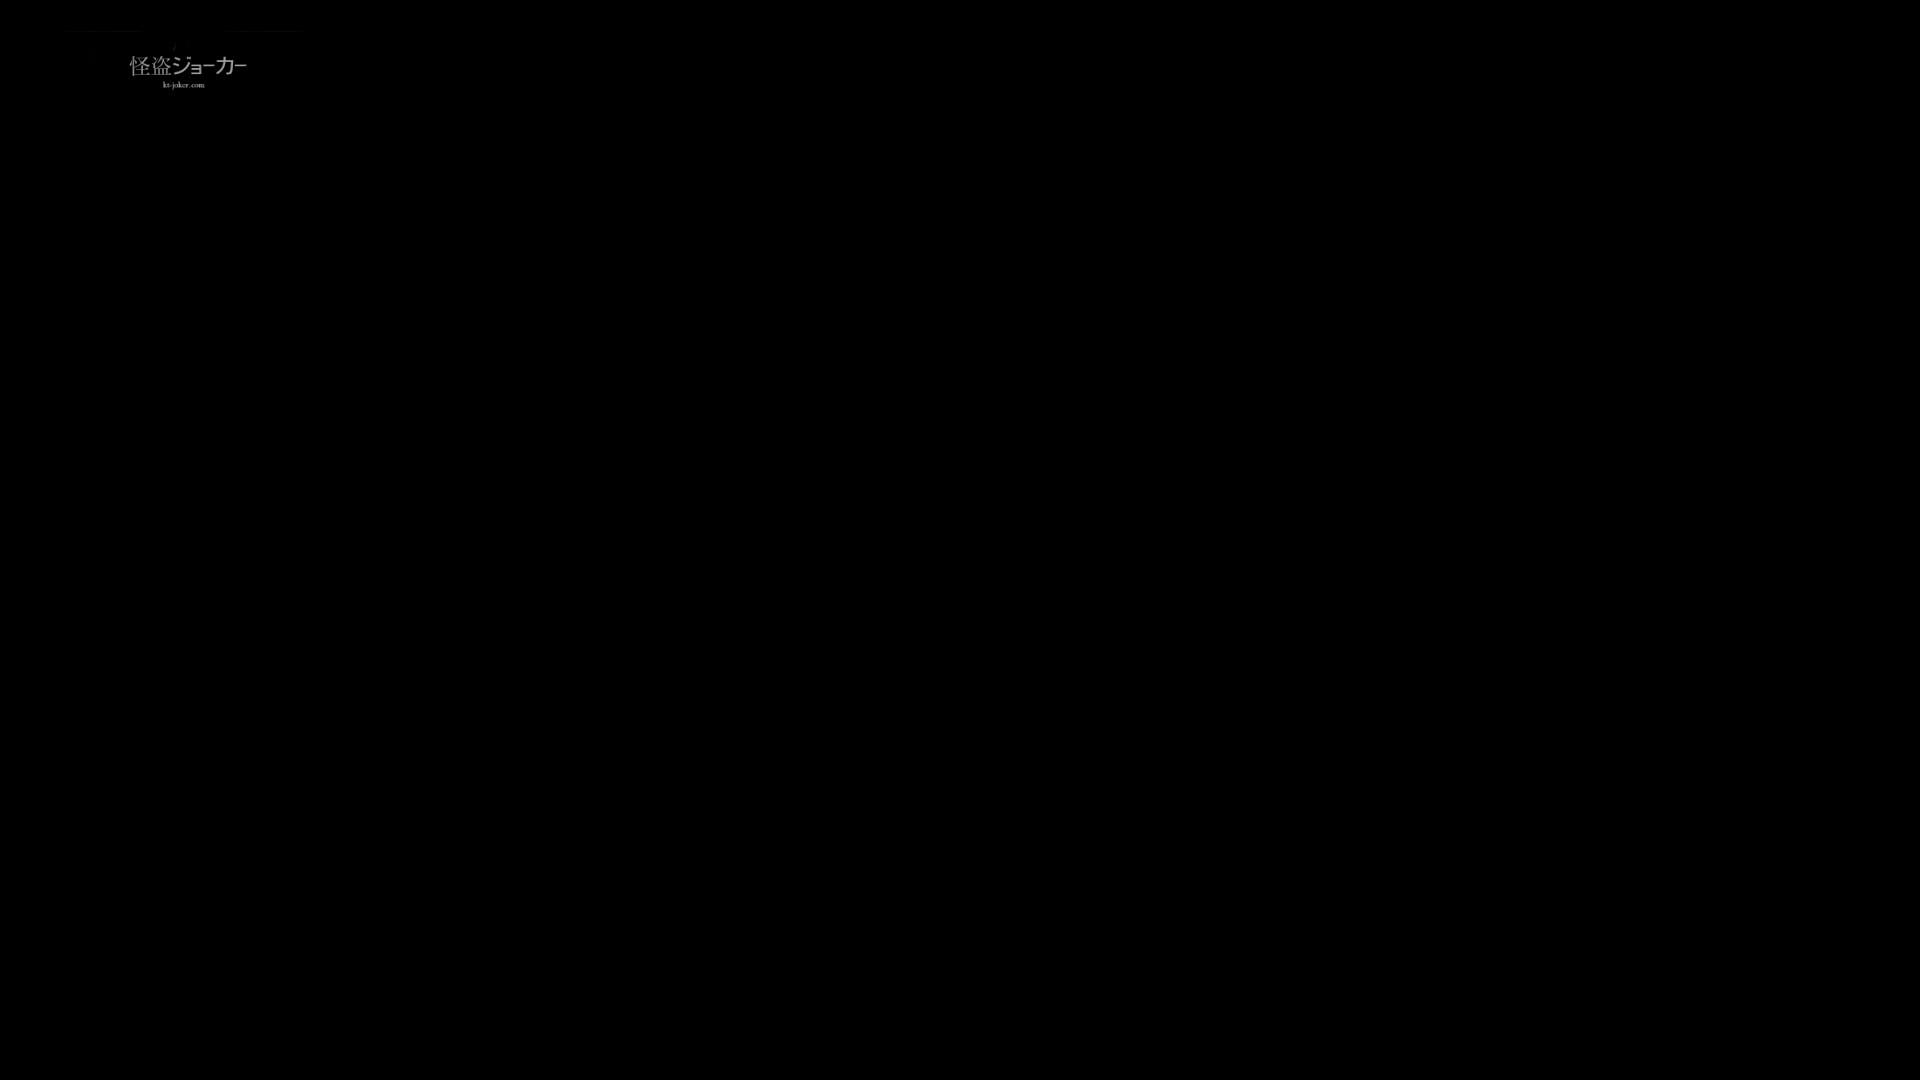 リアルインパクト盗撮~入浴編 Vol.01 お姉さんのボディ | 入浴中の女性  54PIX 1